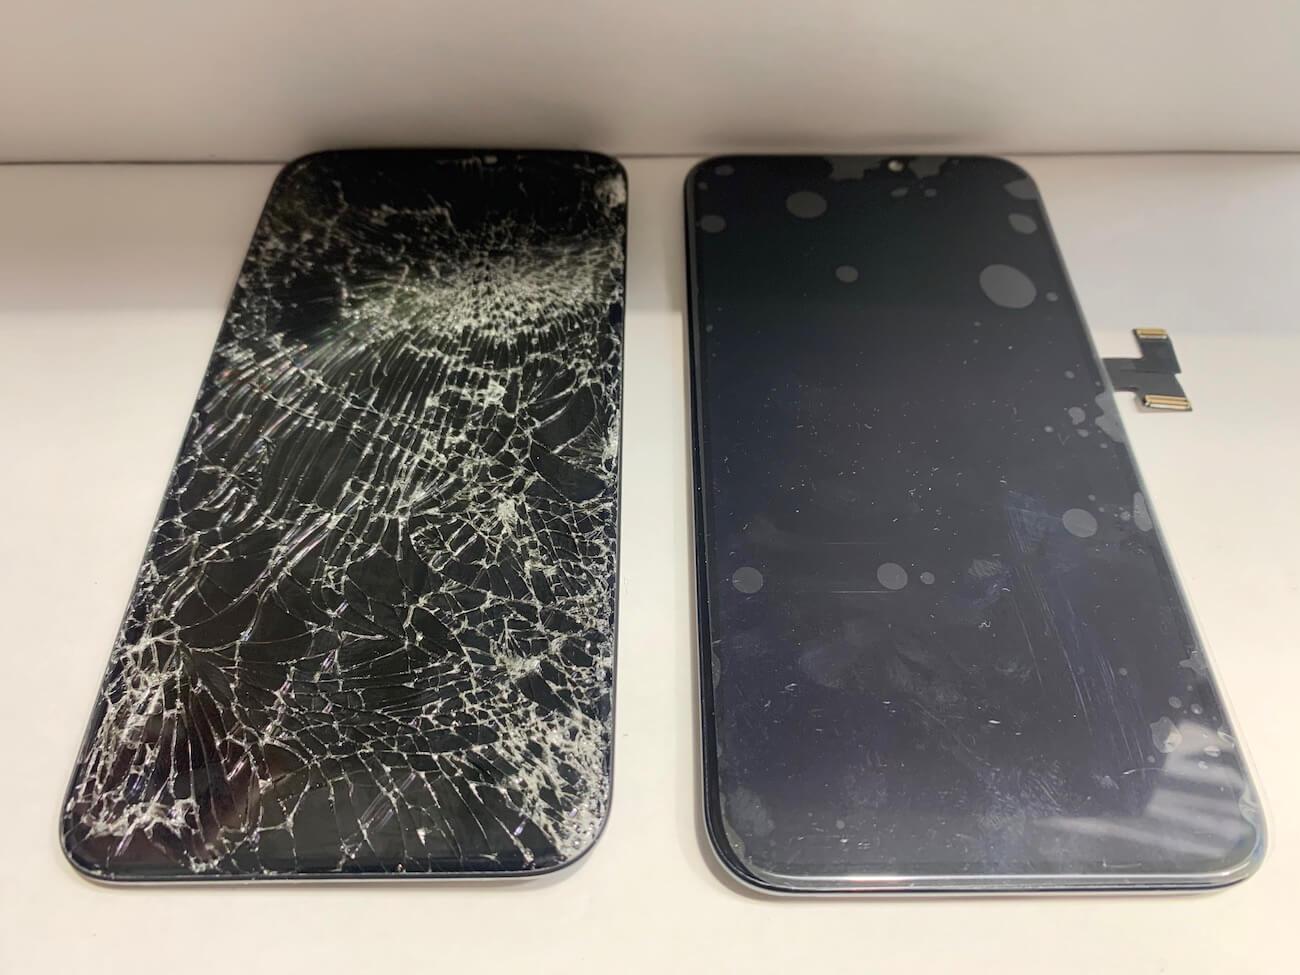 破損したiPhone11Proの画面と交換用の画面部品の比較の様子